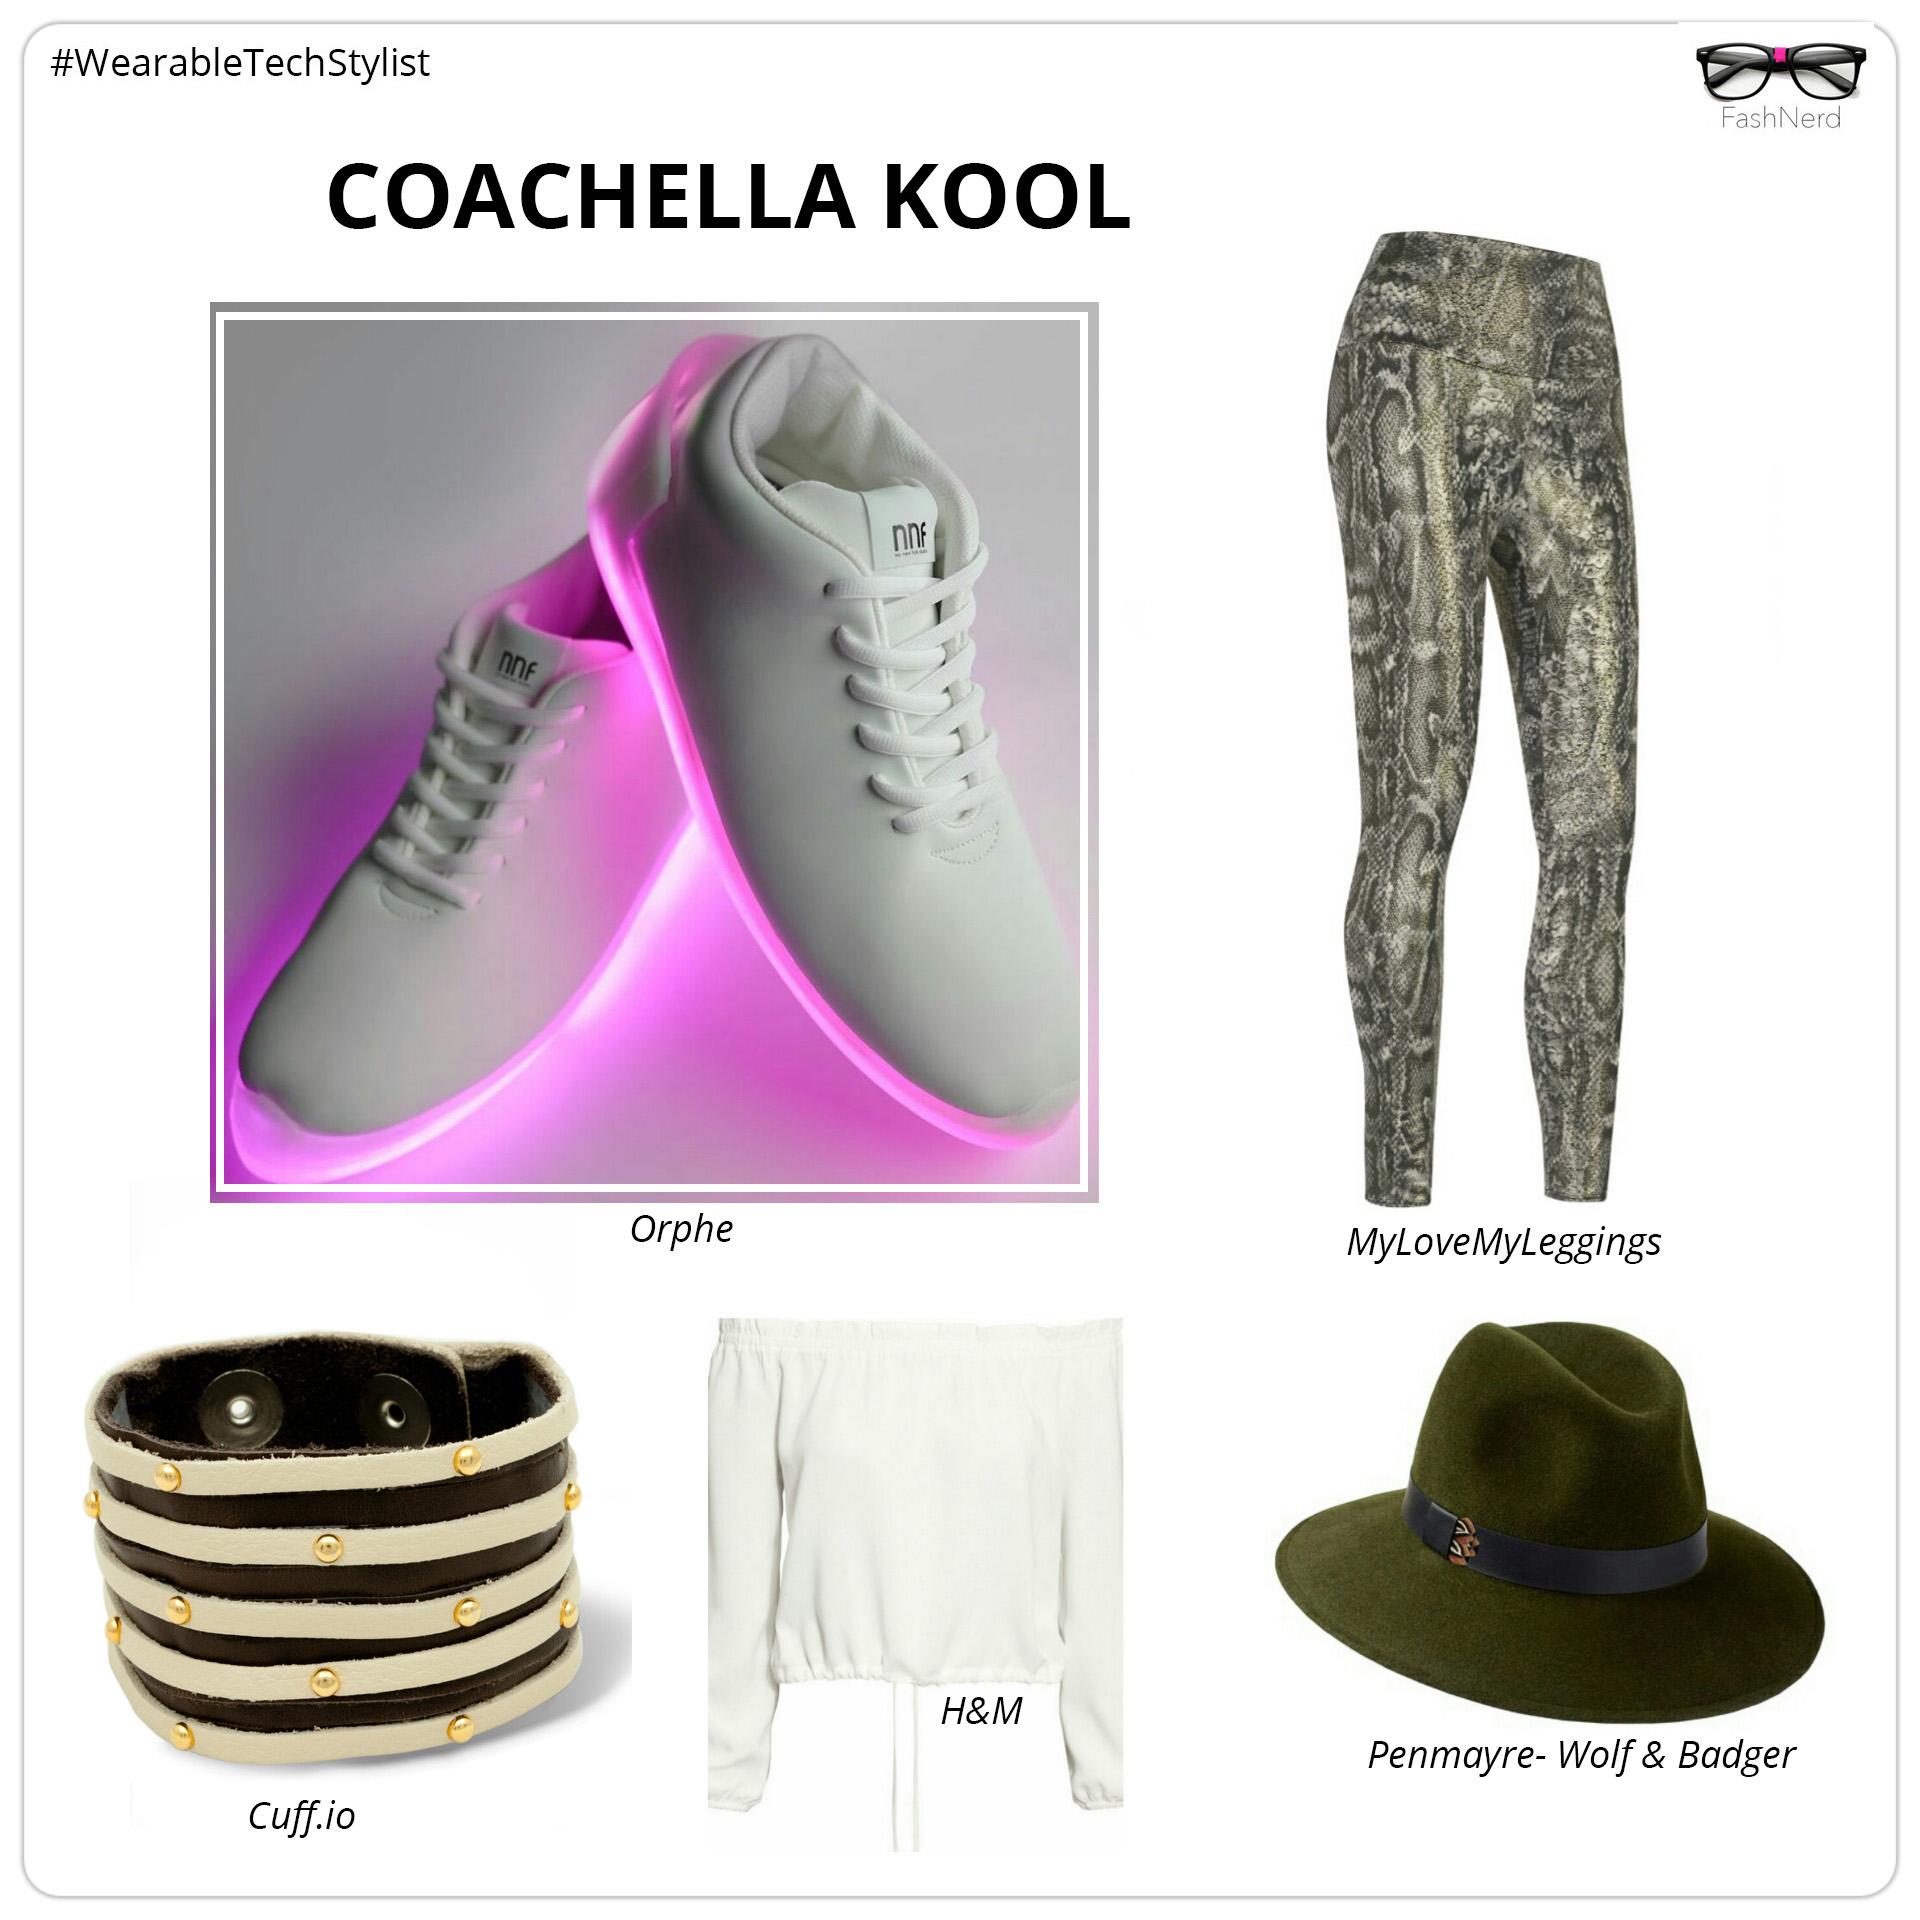 Styling Coachella 2015